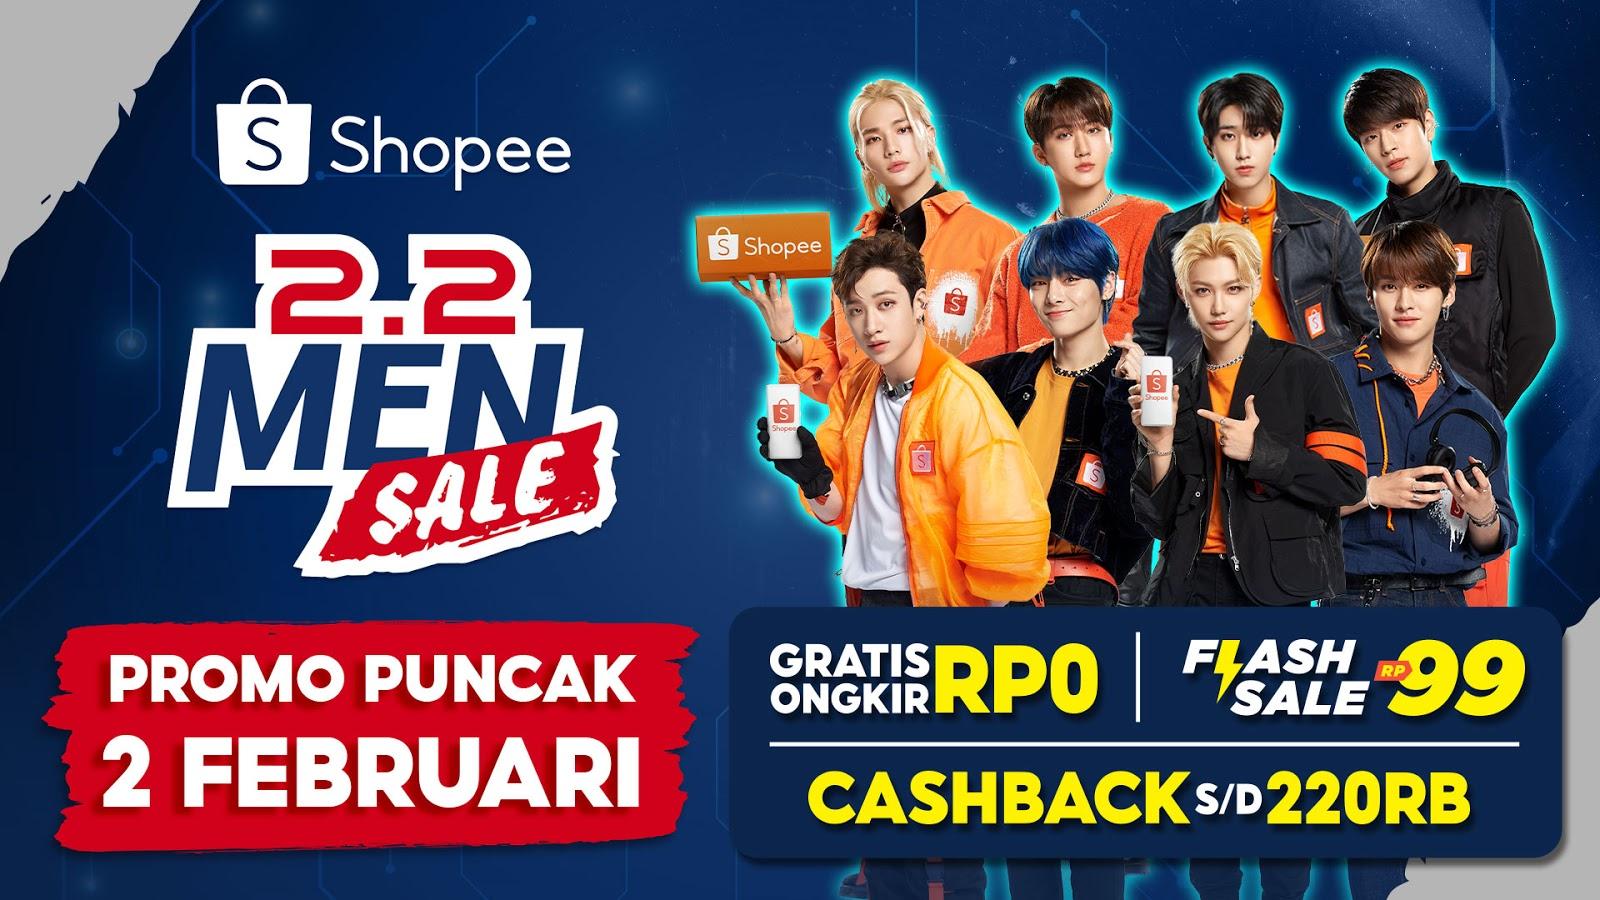 Promo Puncak Shopee 2.2 Men Sale Hadirkan Gratis Ongkir, Flash Sale, dan Cashback!